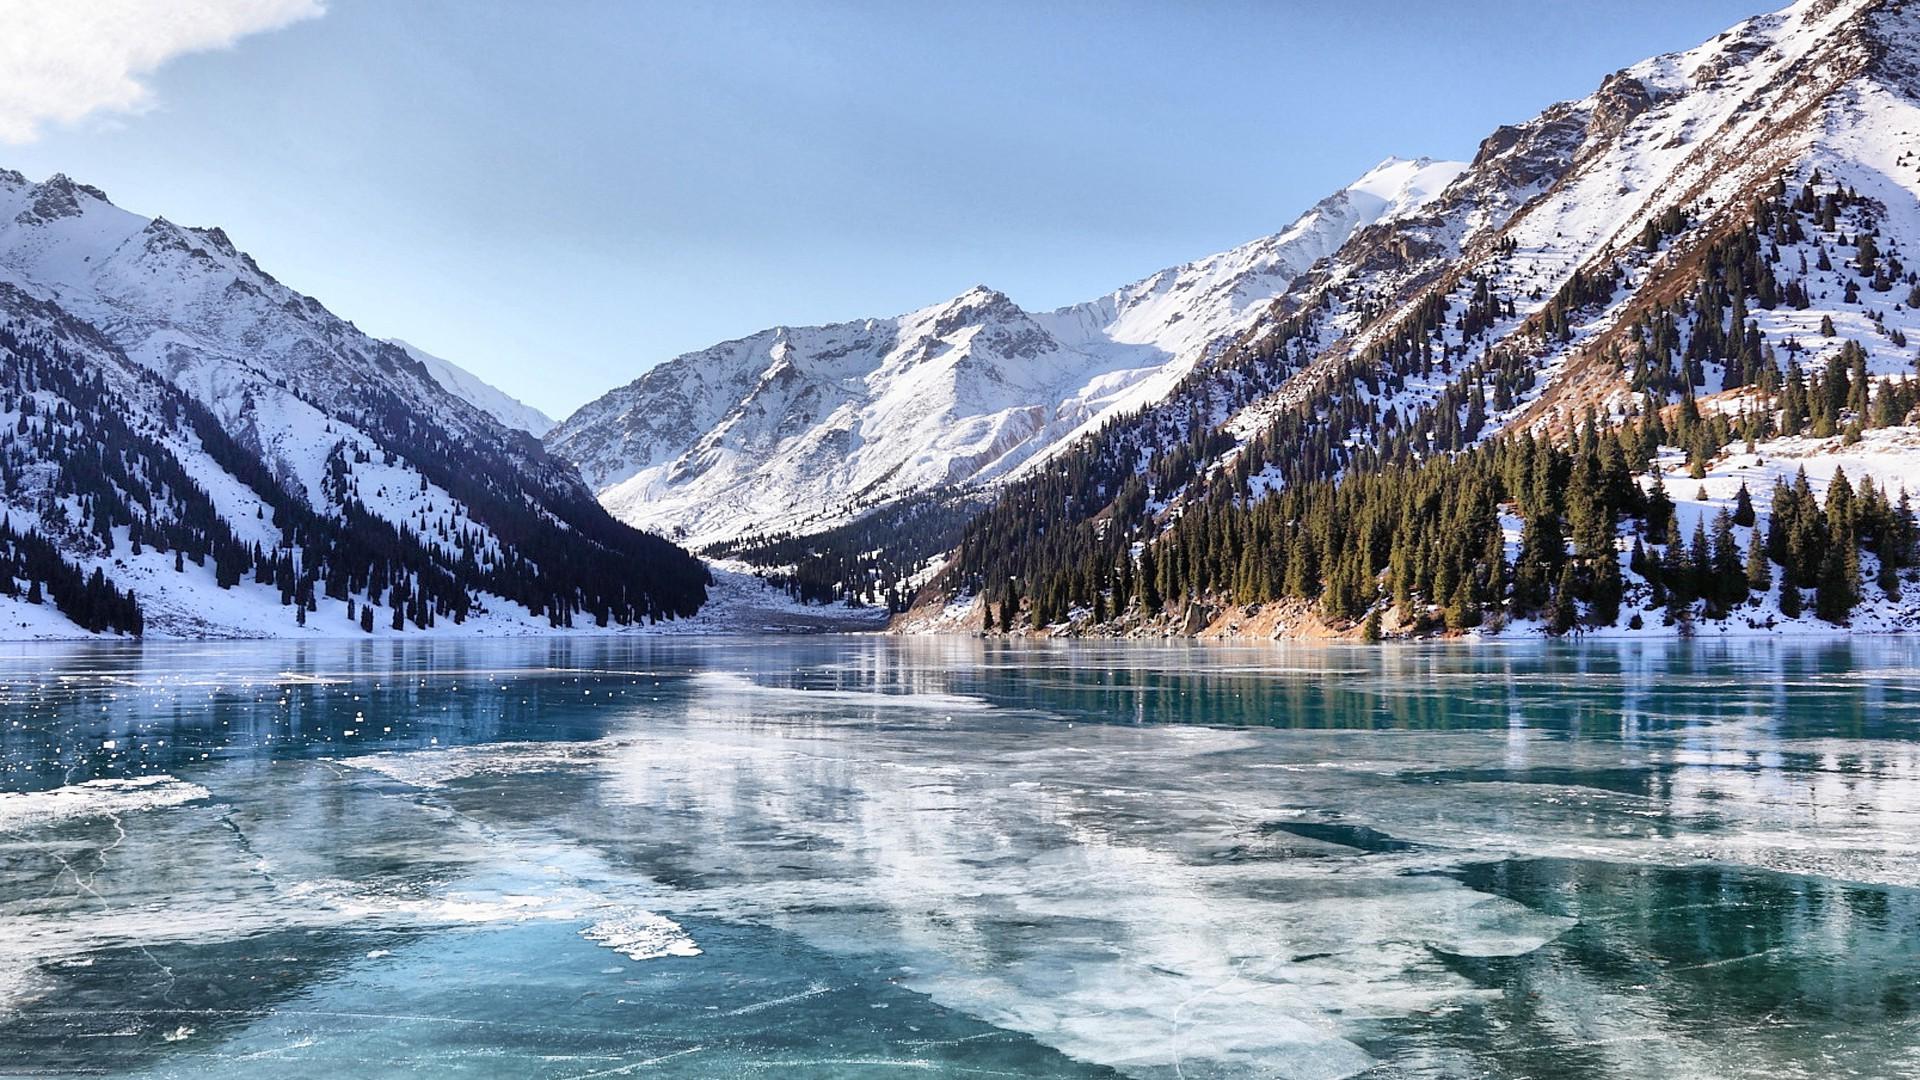 snow Lake Frozen Lake Kazakhstan Ice Mountain Landscape 1920x1080